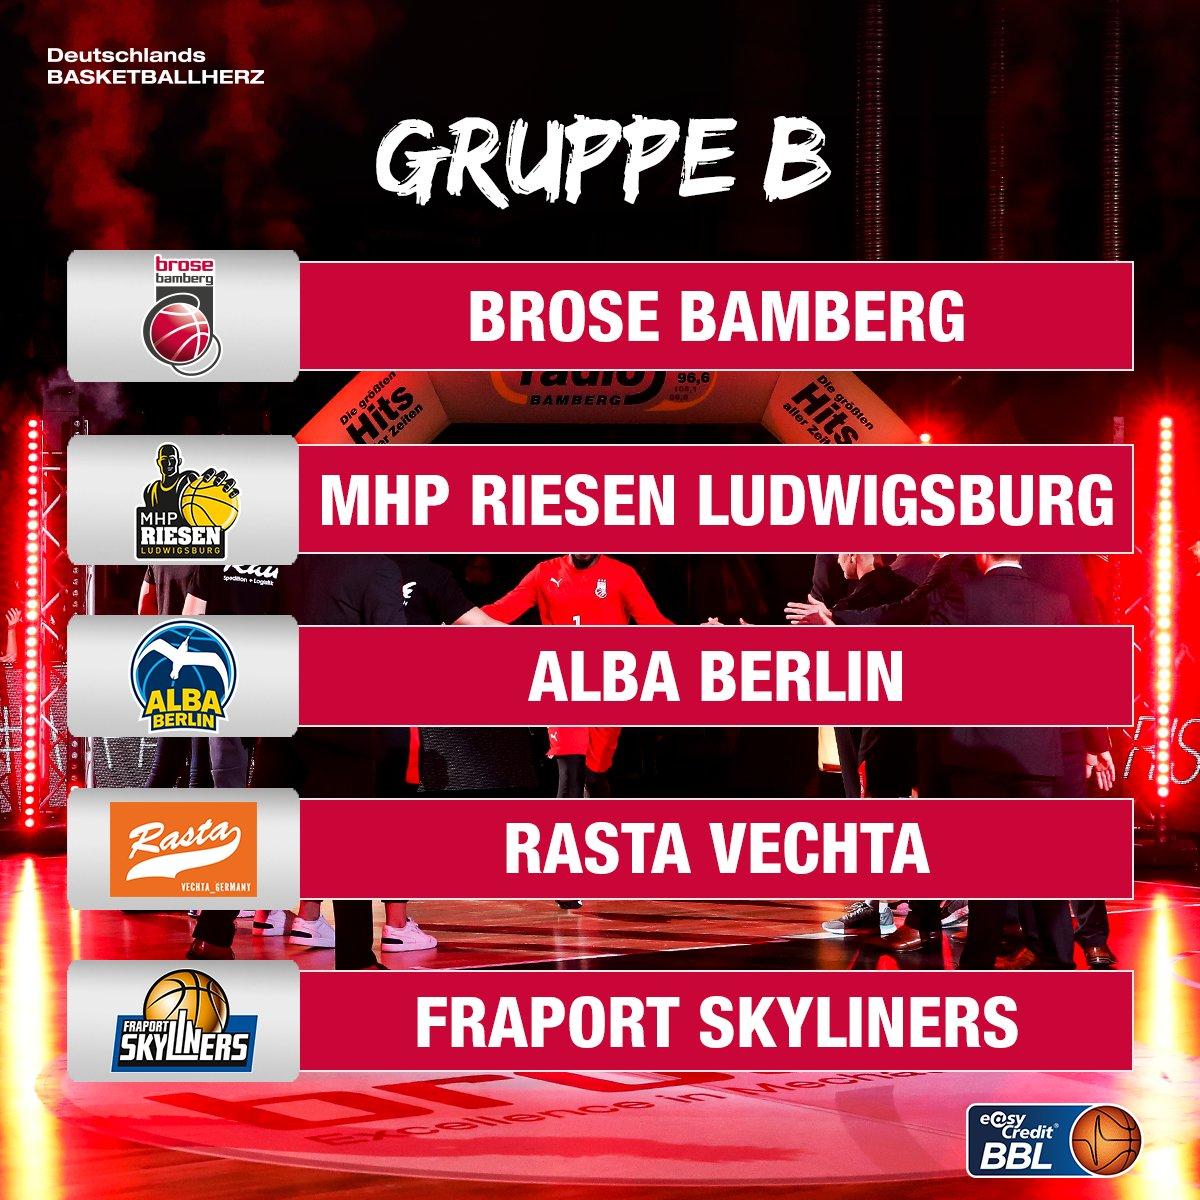 Brose Bamberg @BroseBamberg